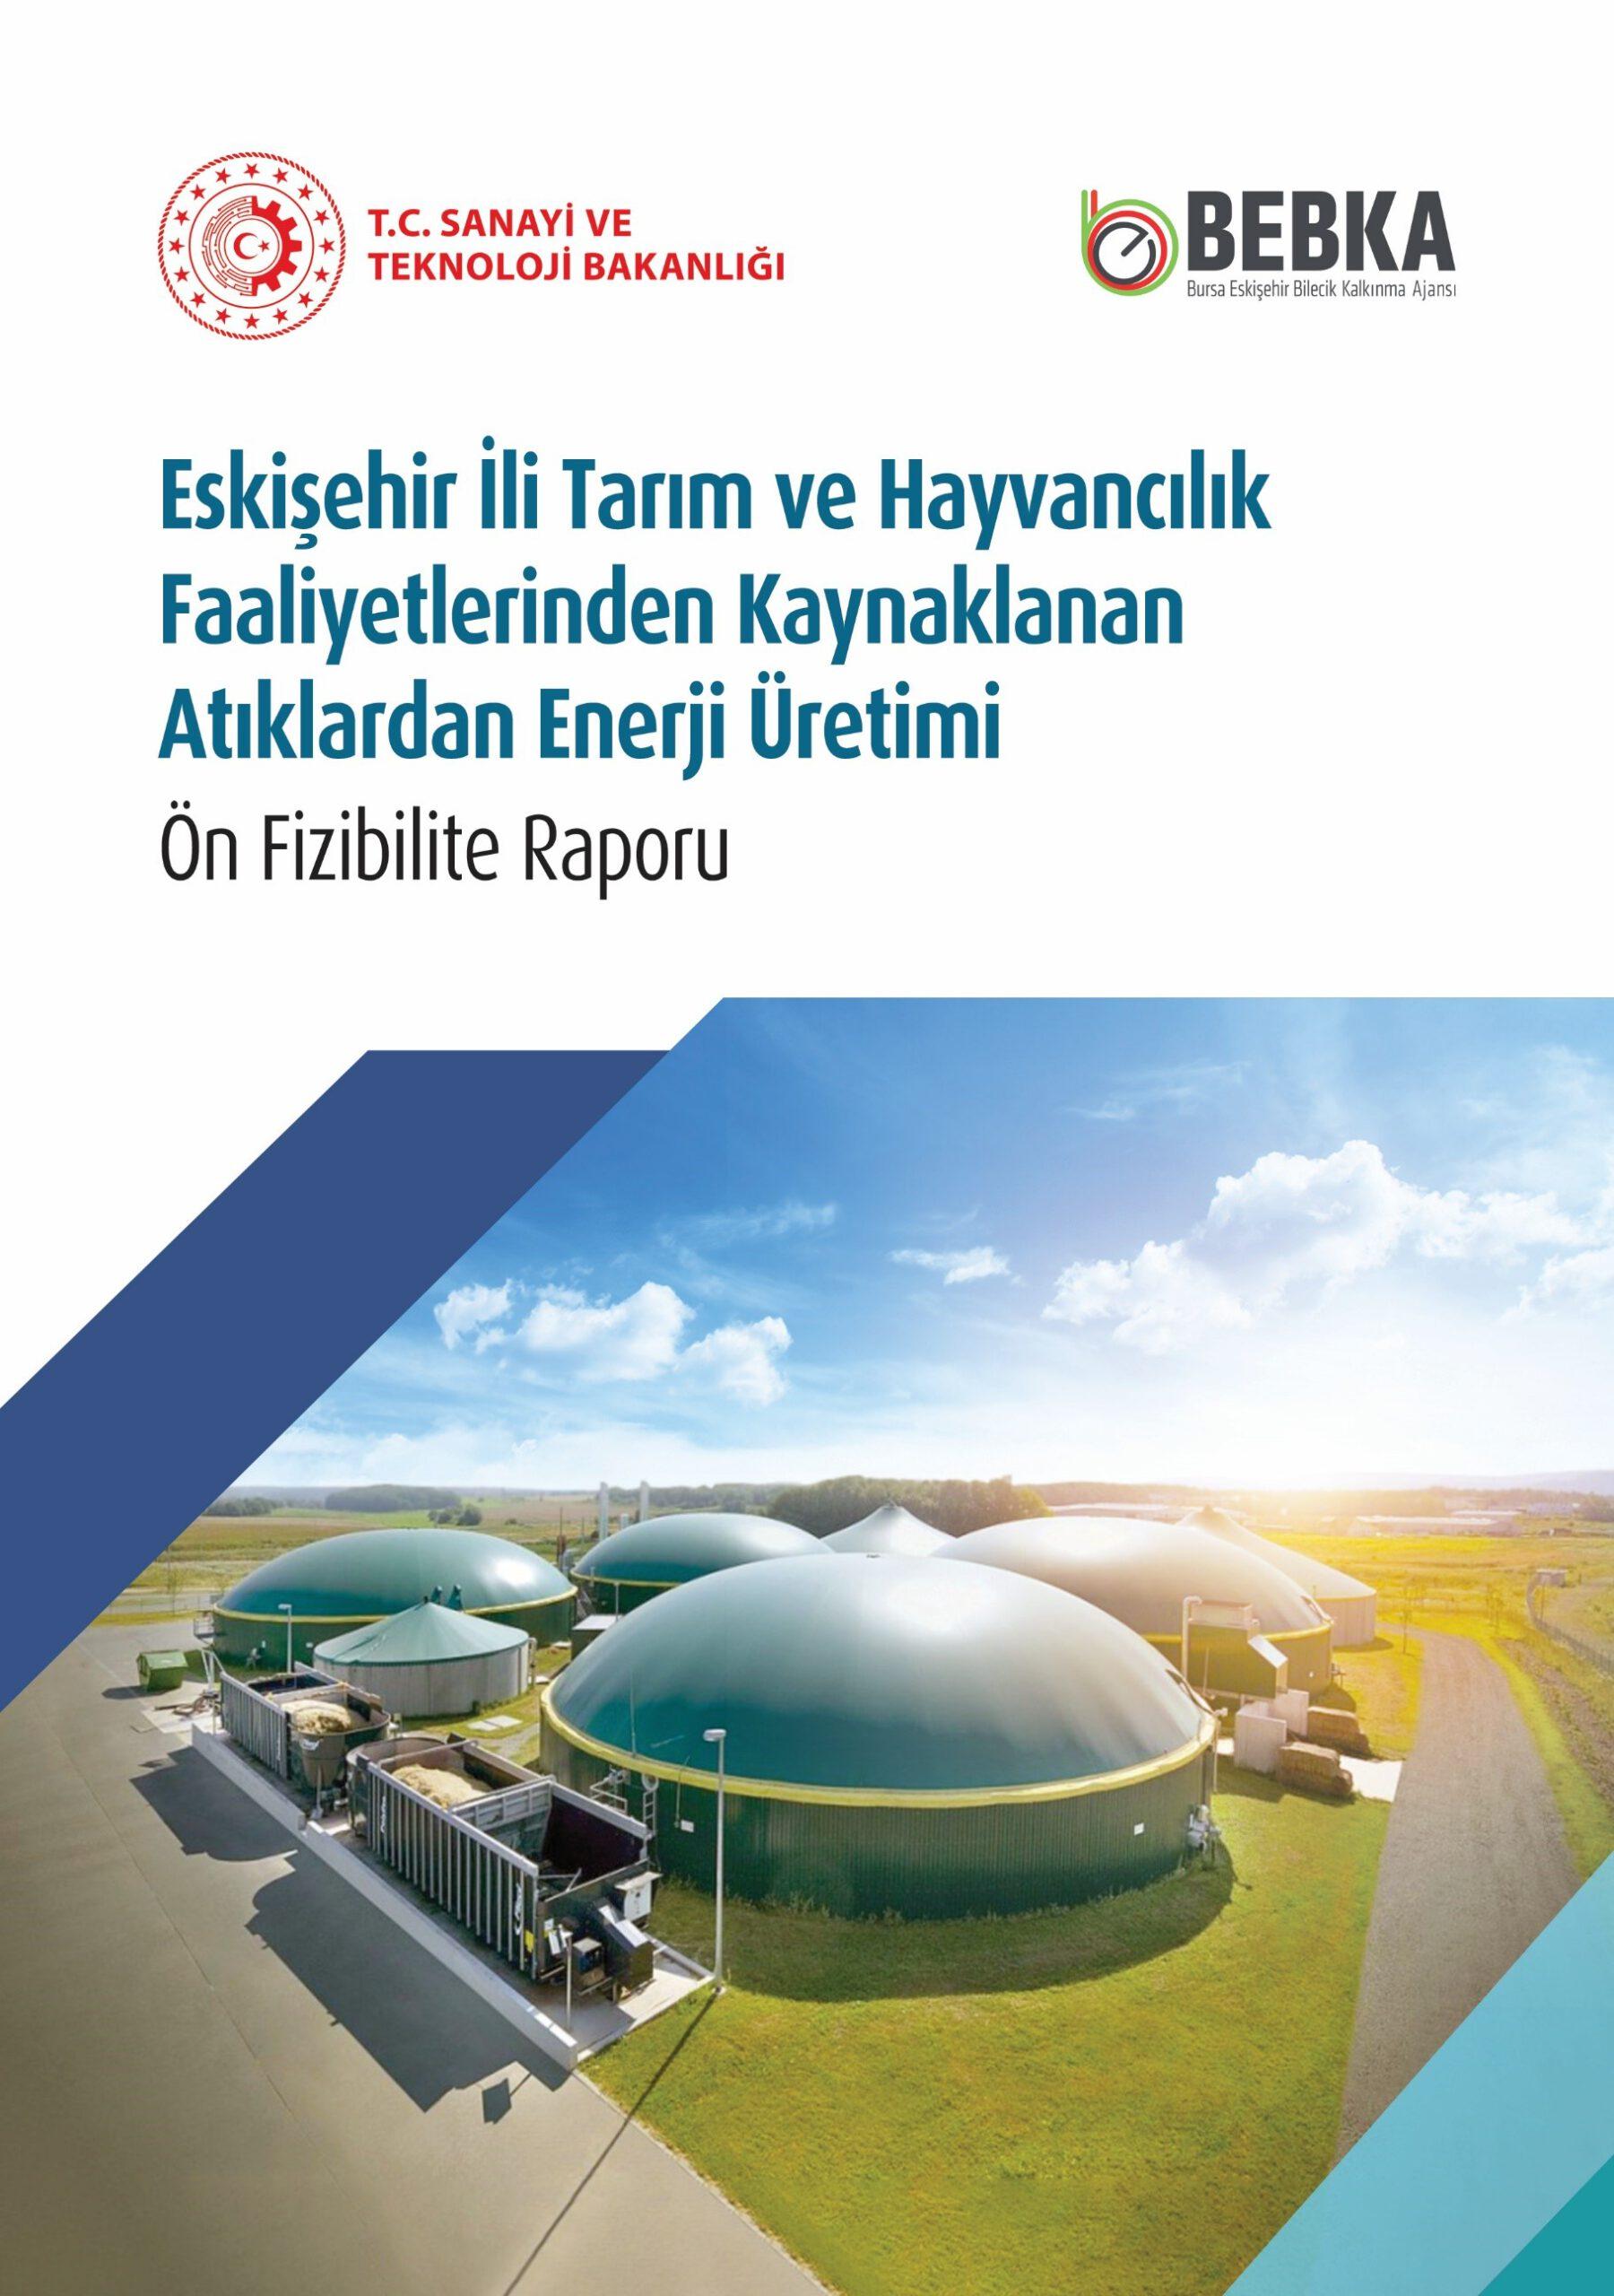 Eskişehir İli Tarım ve Hayvancılık Faaliyetlerinden Kaynaklanan Atıklardan Enerji Üretimi Ön Fizibilite Raporu